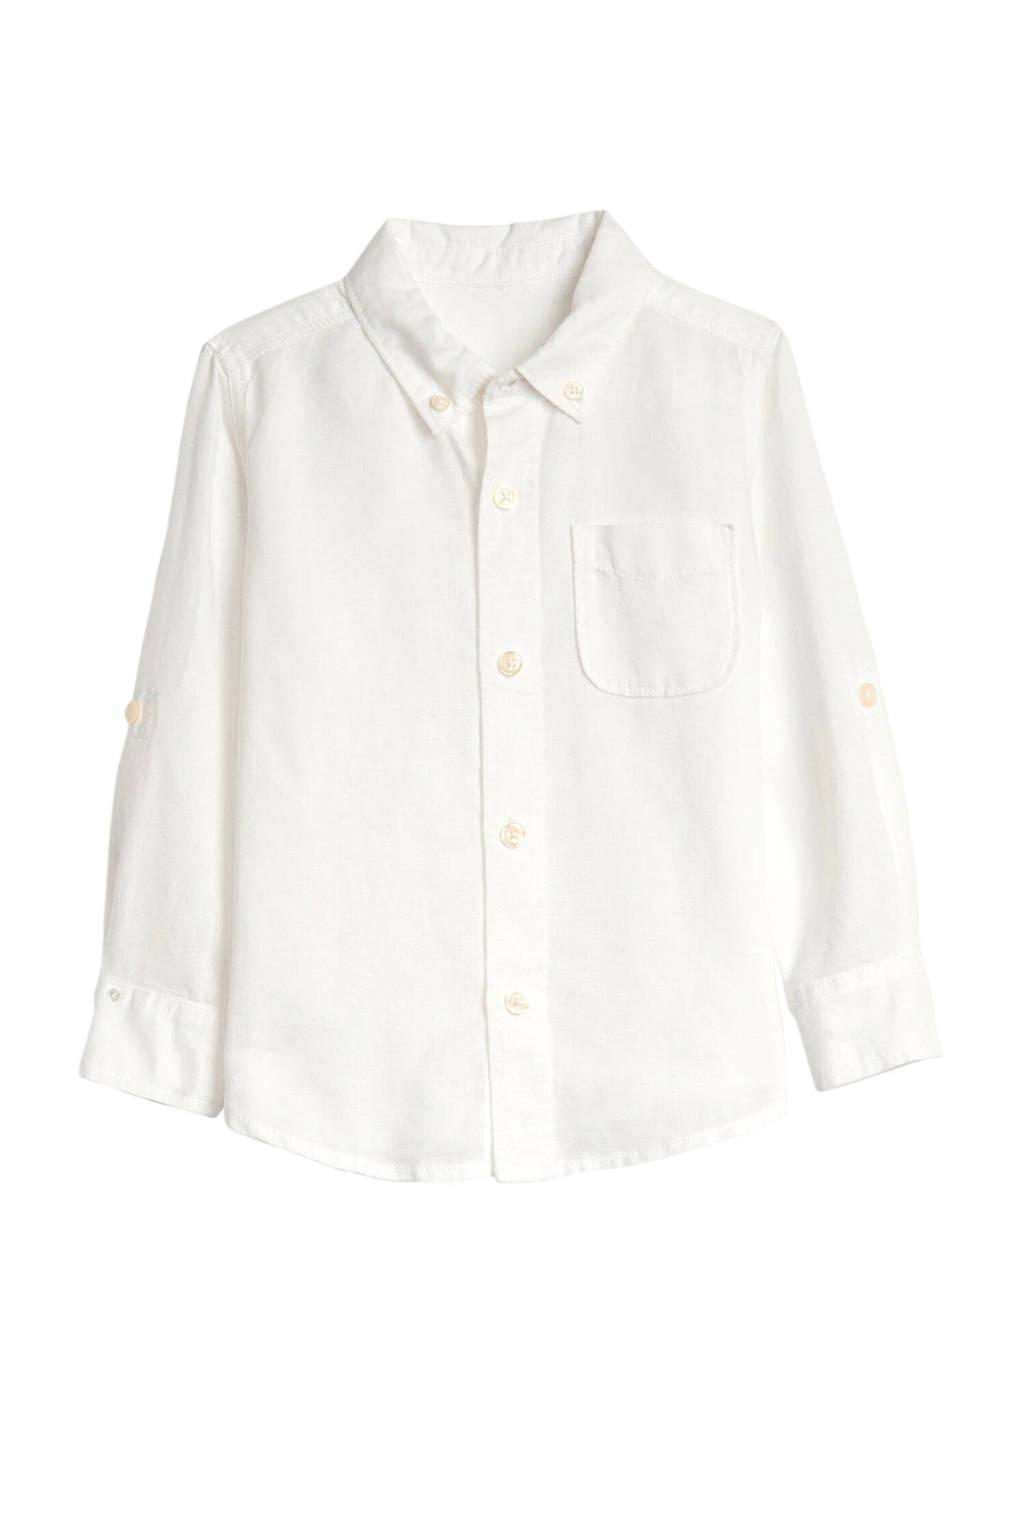 GAP overhemd met linnen wit, Wit